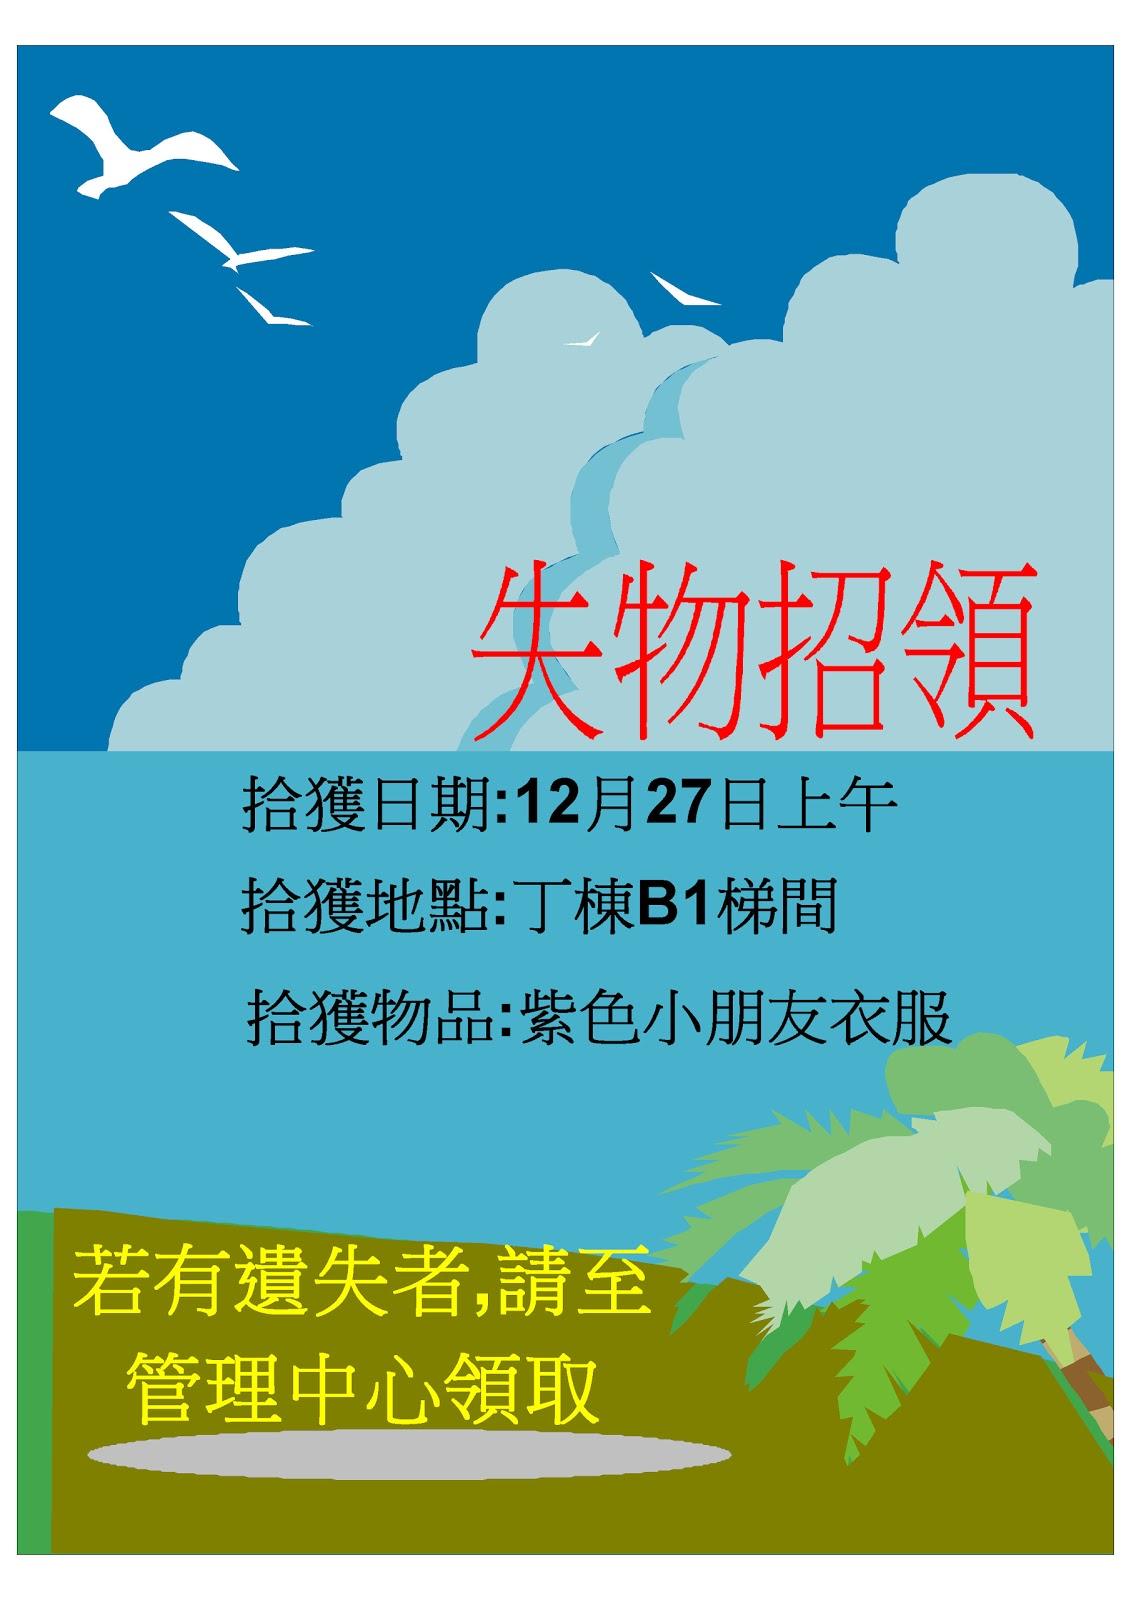 『 惠宇文化願景 社區管委會 Community Committee 』: 01.01【失物招領公告】